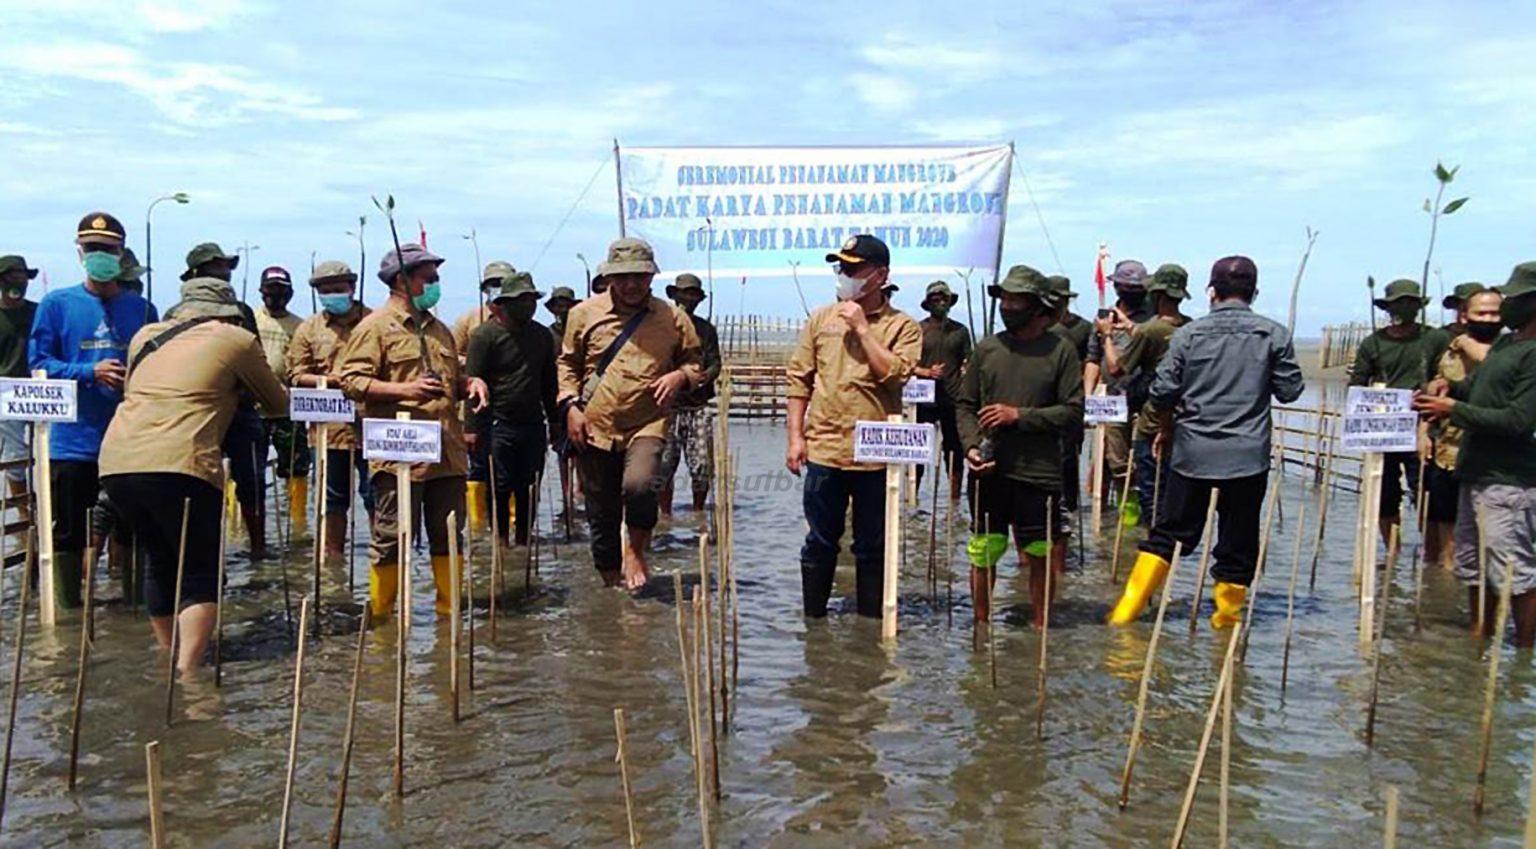 SEREMONIAL penanaman mangrove dalam rangka pemulihan ekonomi di pesisir Dusun Papalang Pantai, Desa Papalang, Kecamatan Papalang, Mamuju, Kamis 19 November 2020.